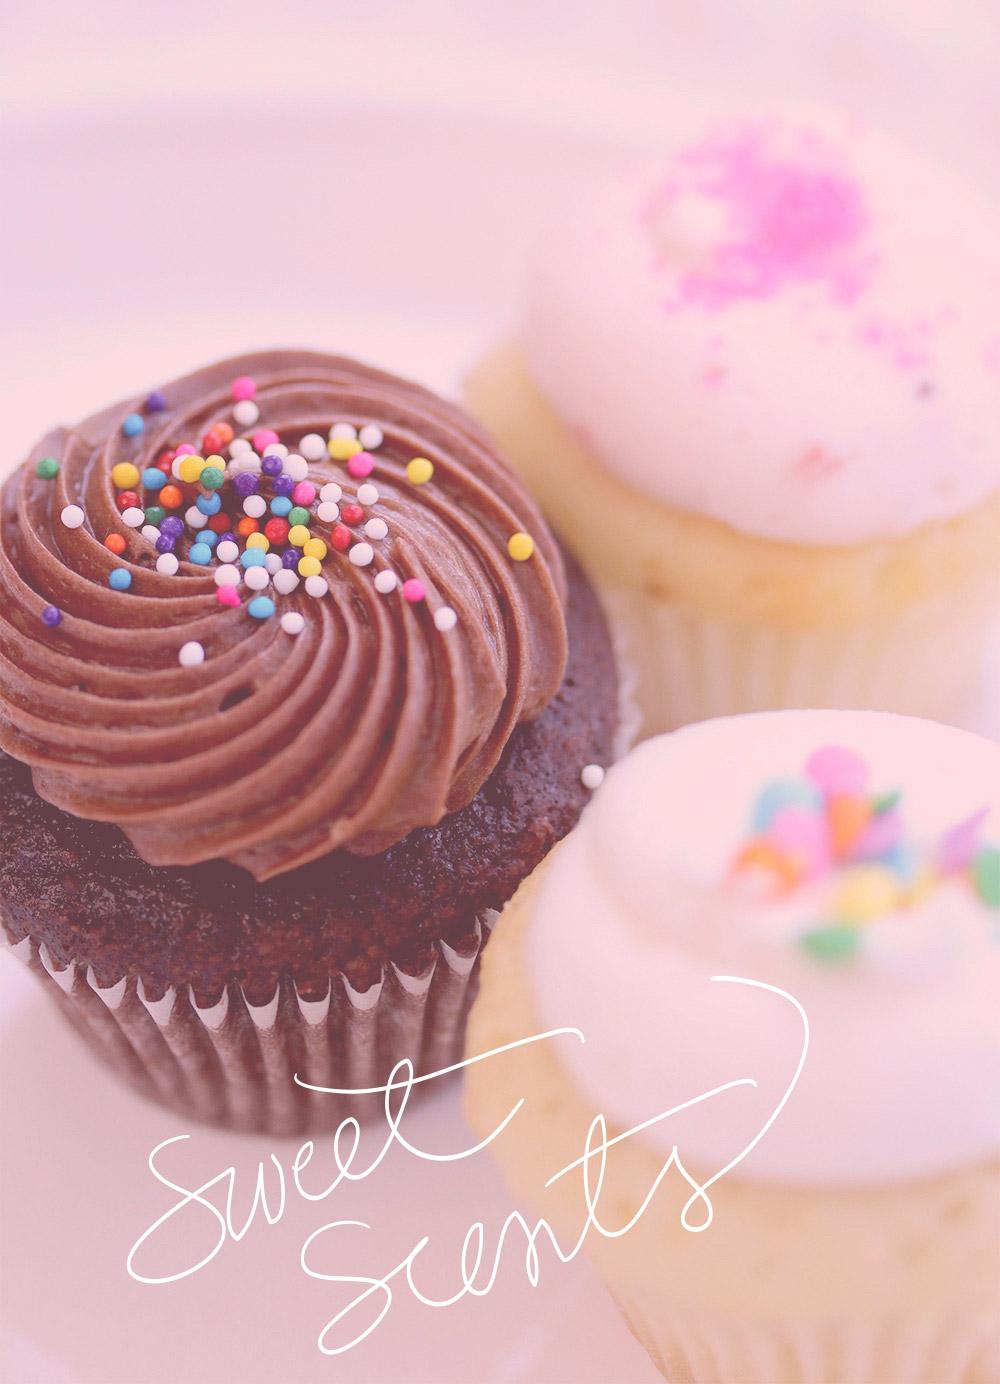 cupcakes dessert final